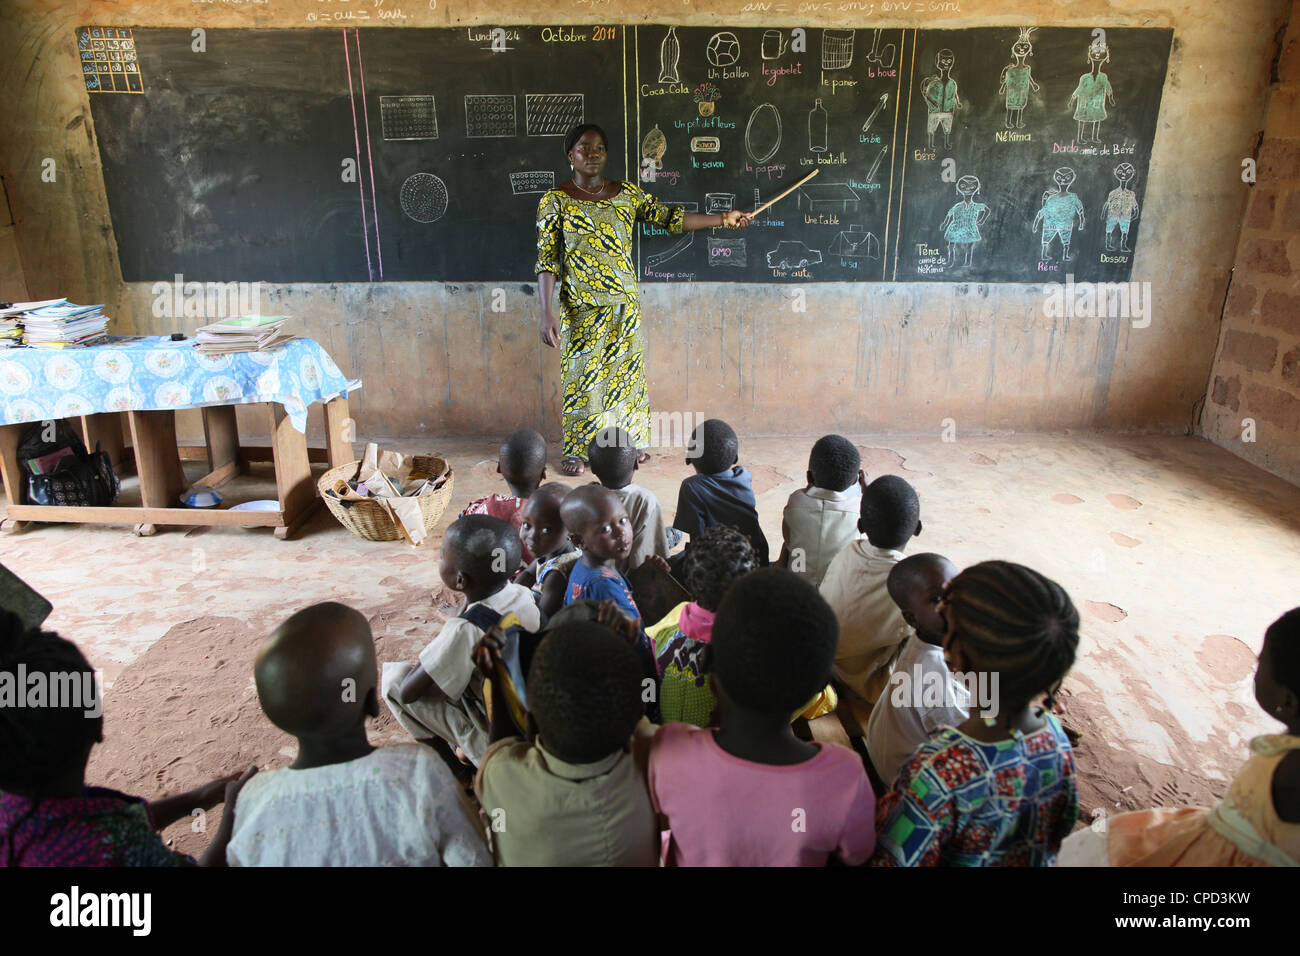 L'école primaire en Afrique, Hevie, Bénin, Afrique de l'Ouest, l'Afrique Photo Stock